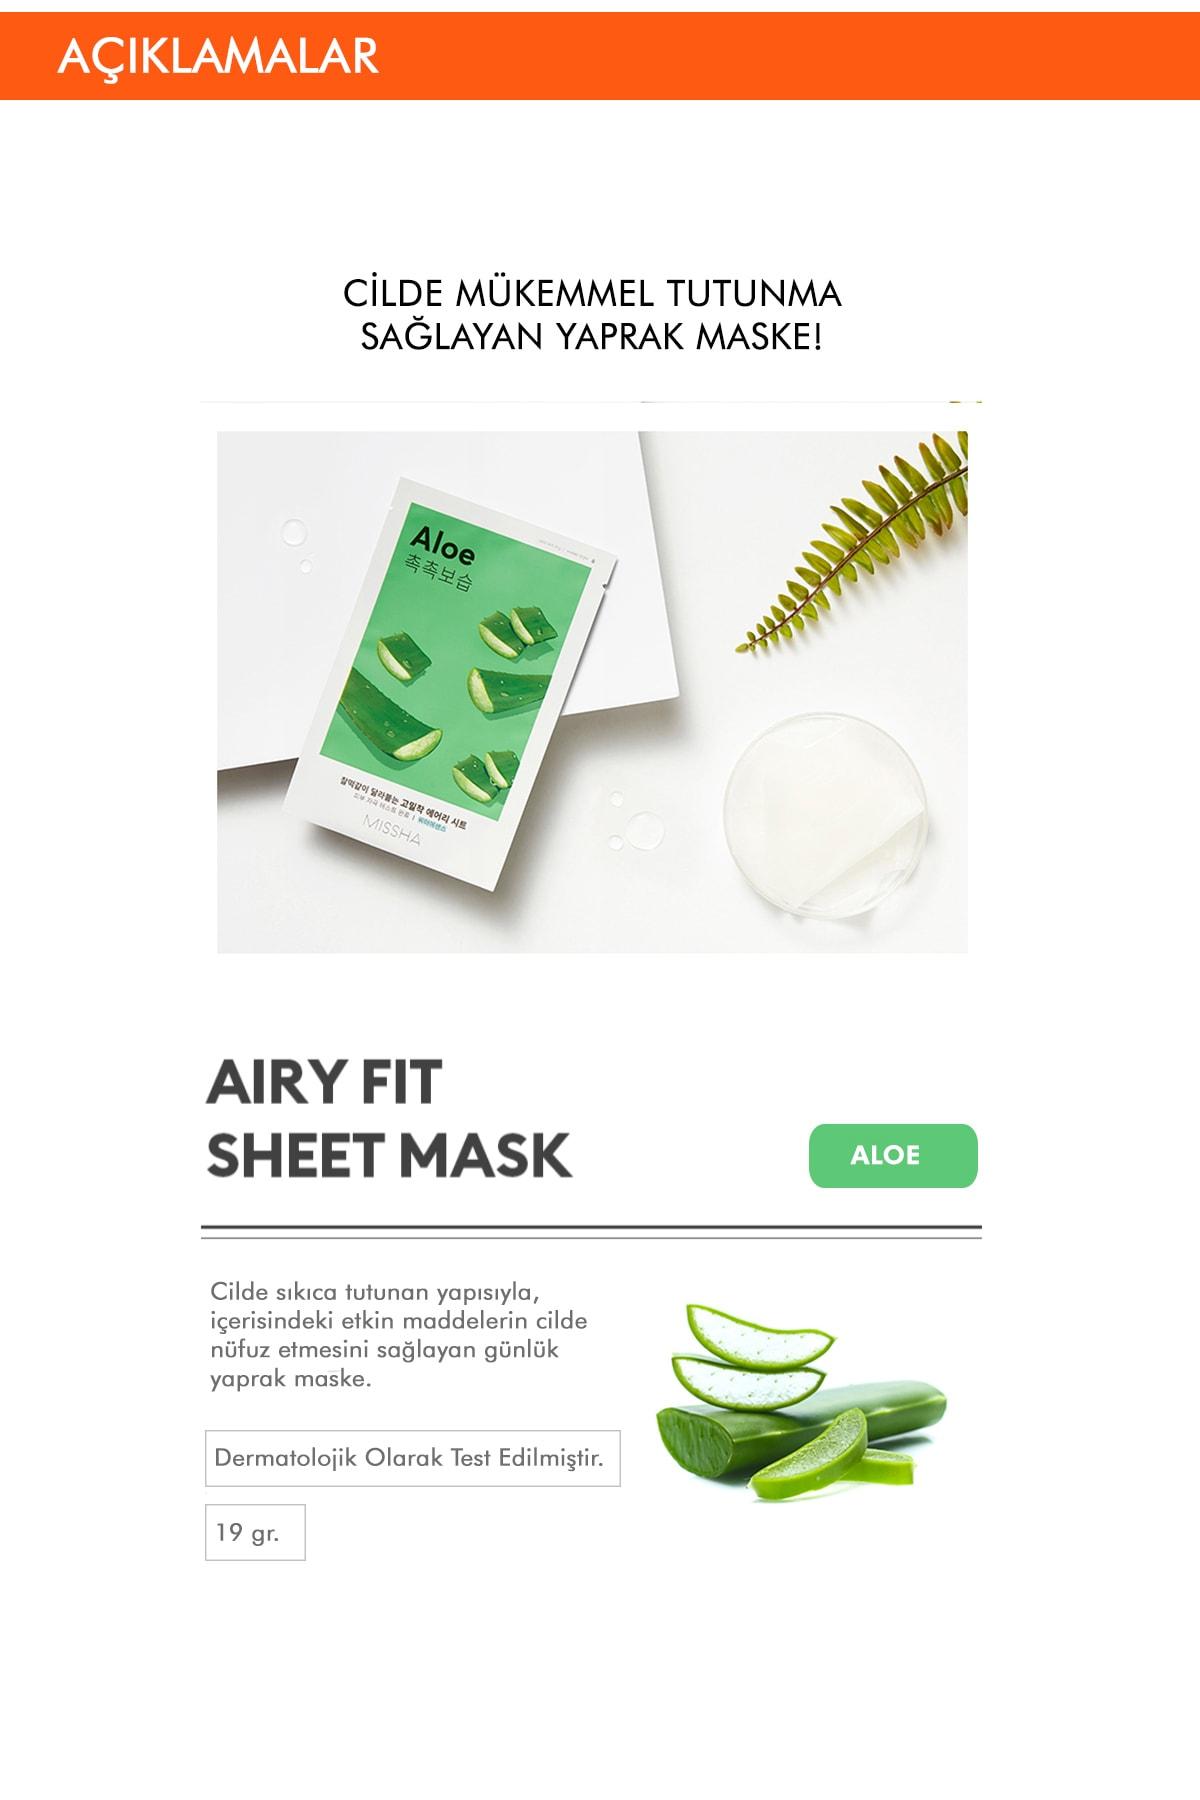 Missha Aloe Veralı Yatıştırıcı ve nemlendirici Yaprak Maske (1ad) Airy Fit Sheet Mask 1